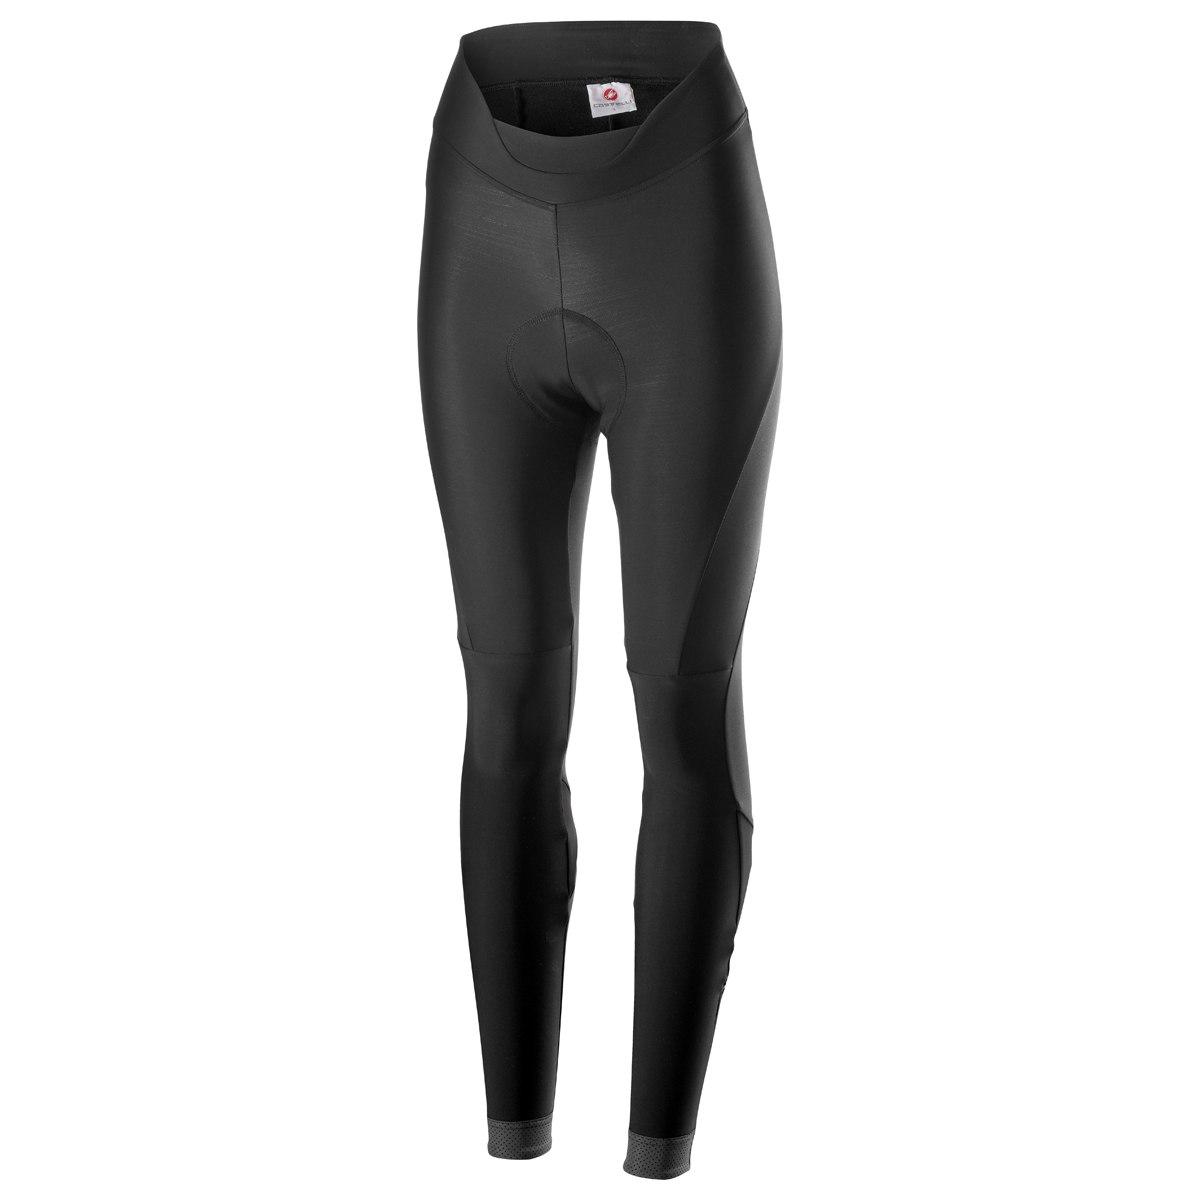 Castelli Velocissima Tights Women's - black 010